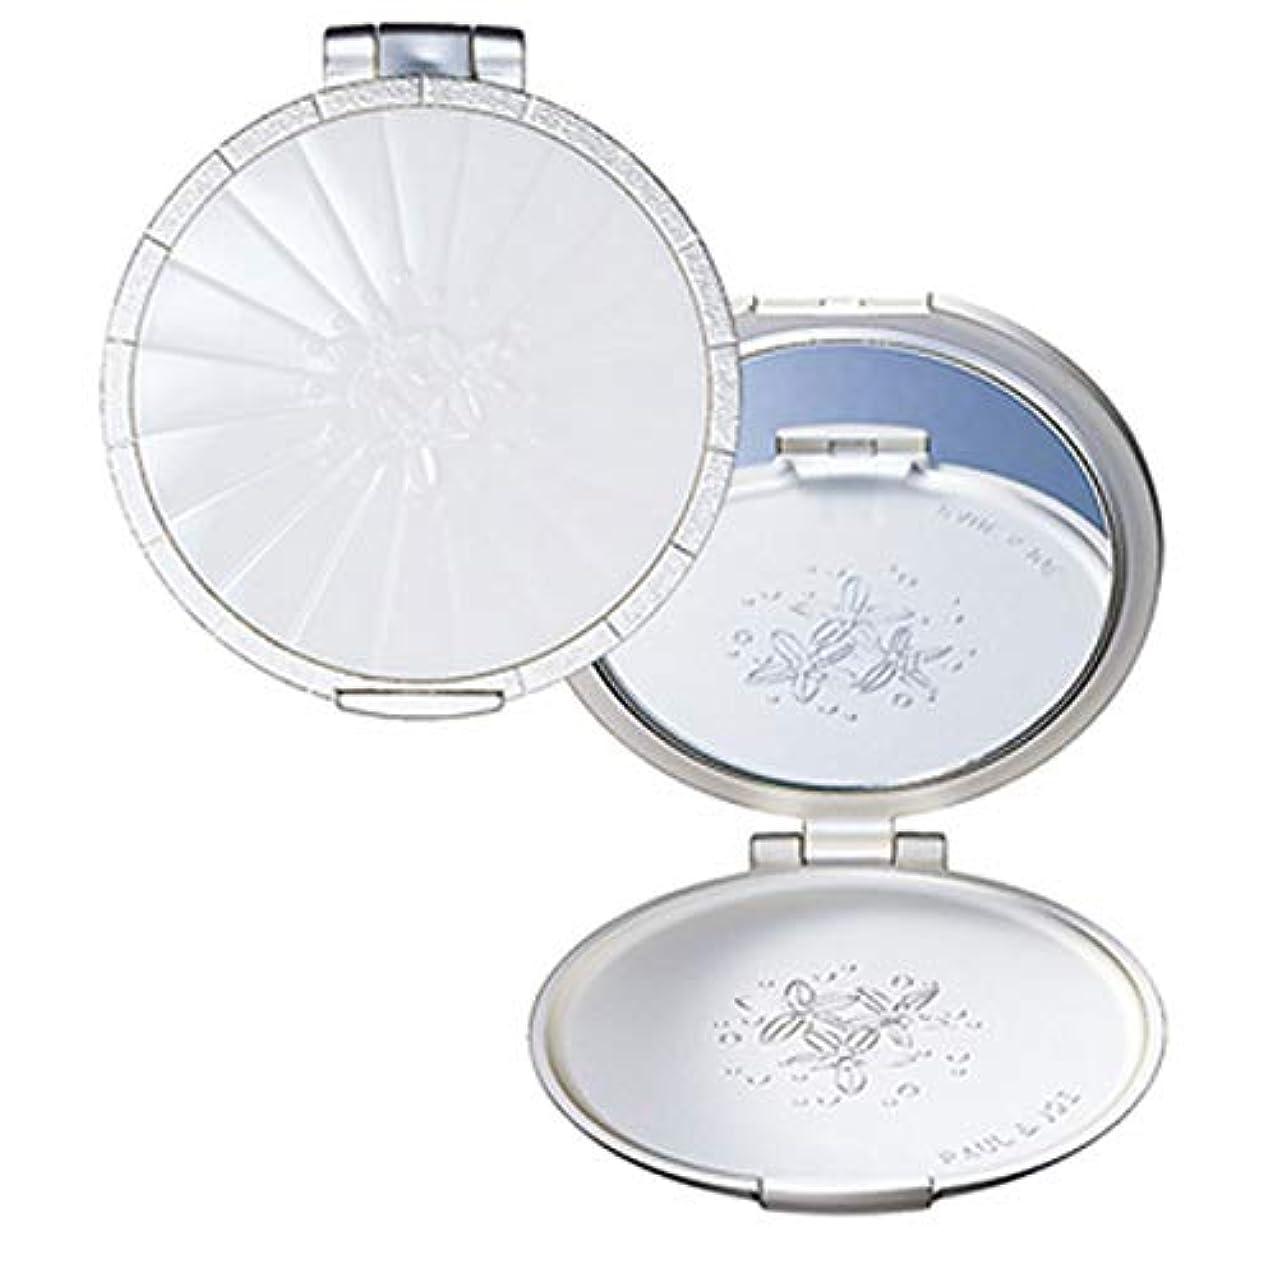 ジャズ当社脊椎(ポール&ジョー) PAUL&JOE P&J コンパクトミラー 鏡 ミラー 手鏡 フラワー ポールアンドジョー 化粧直し かわいい グレープフルーツ 花 クラシカル 巾着 セット SET